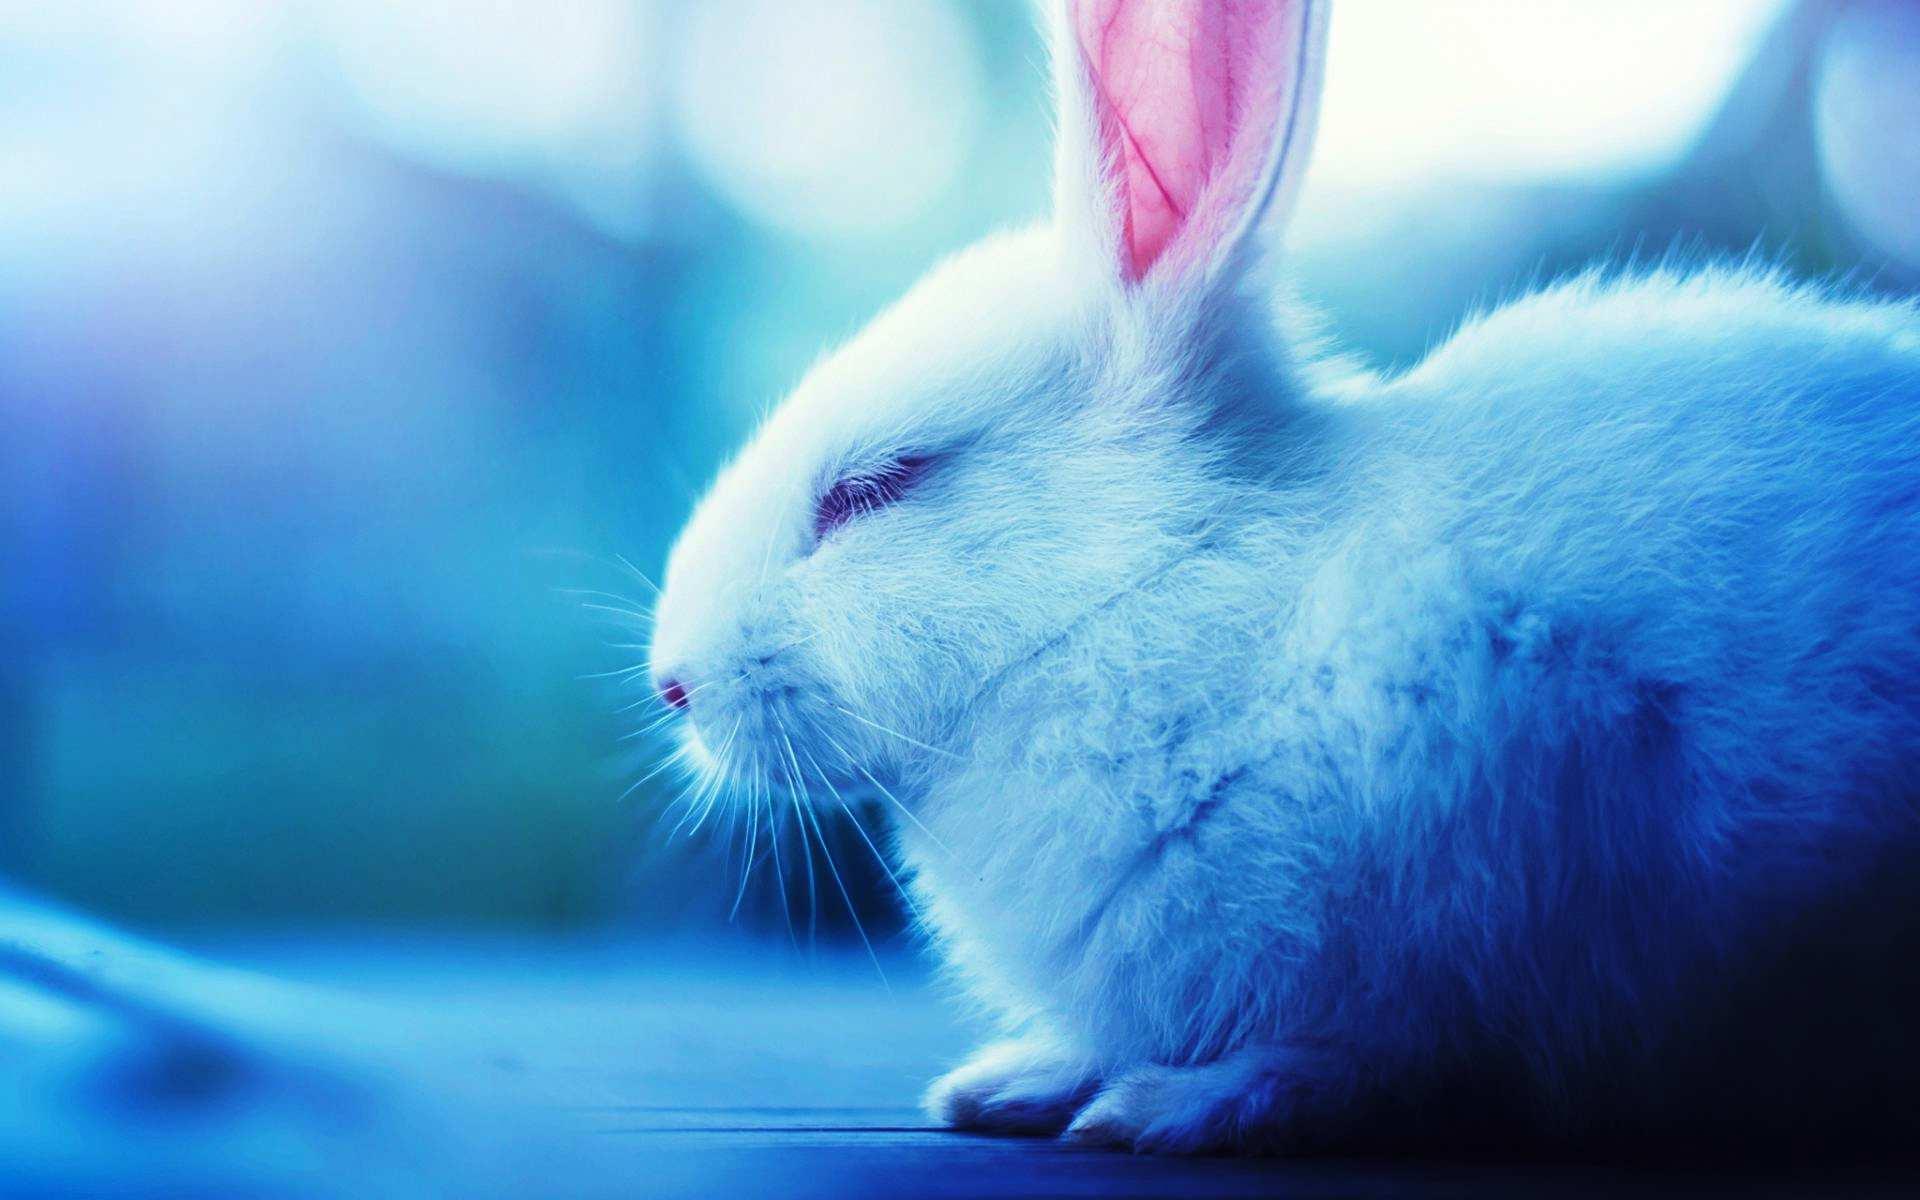 Hình nền máy tính HD chú thỏ trắng đẹp